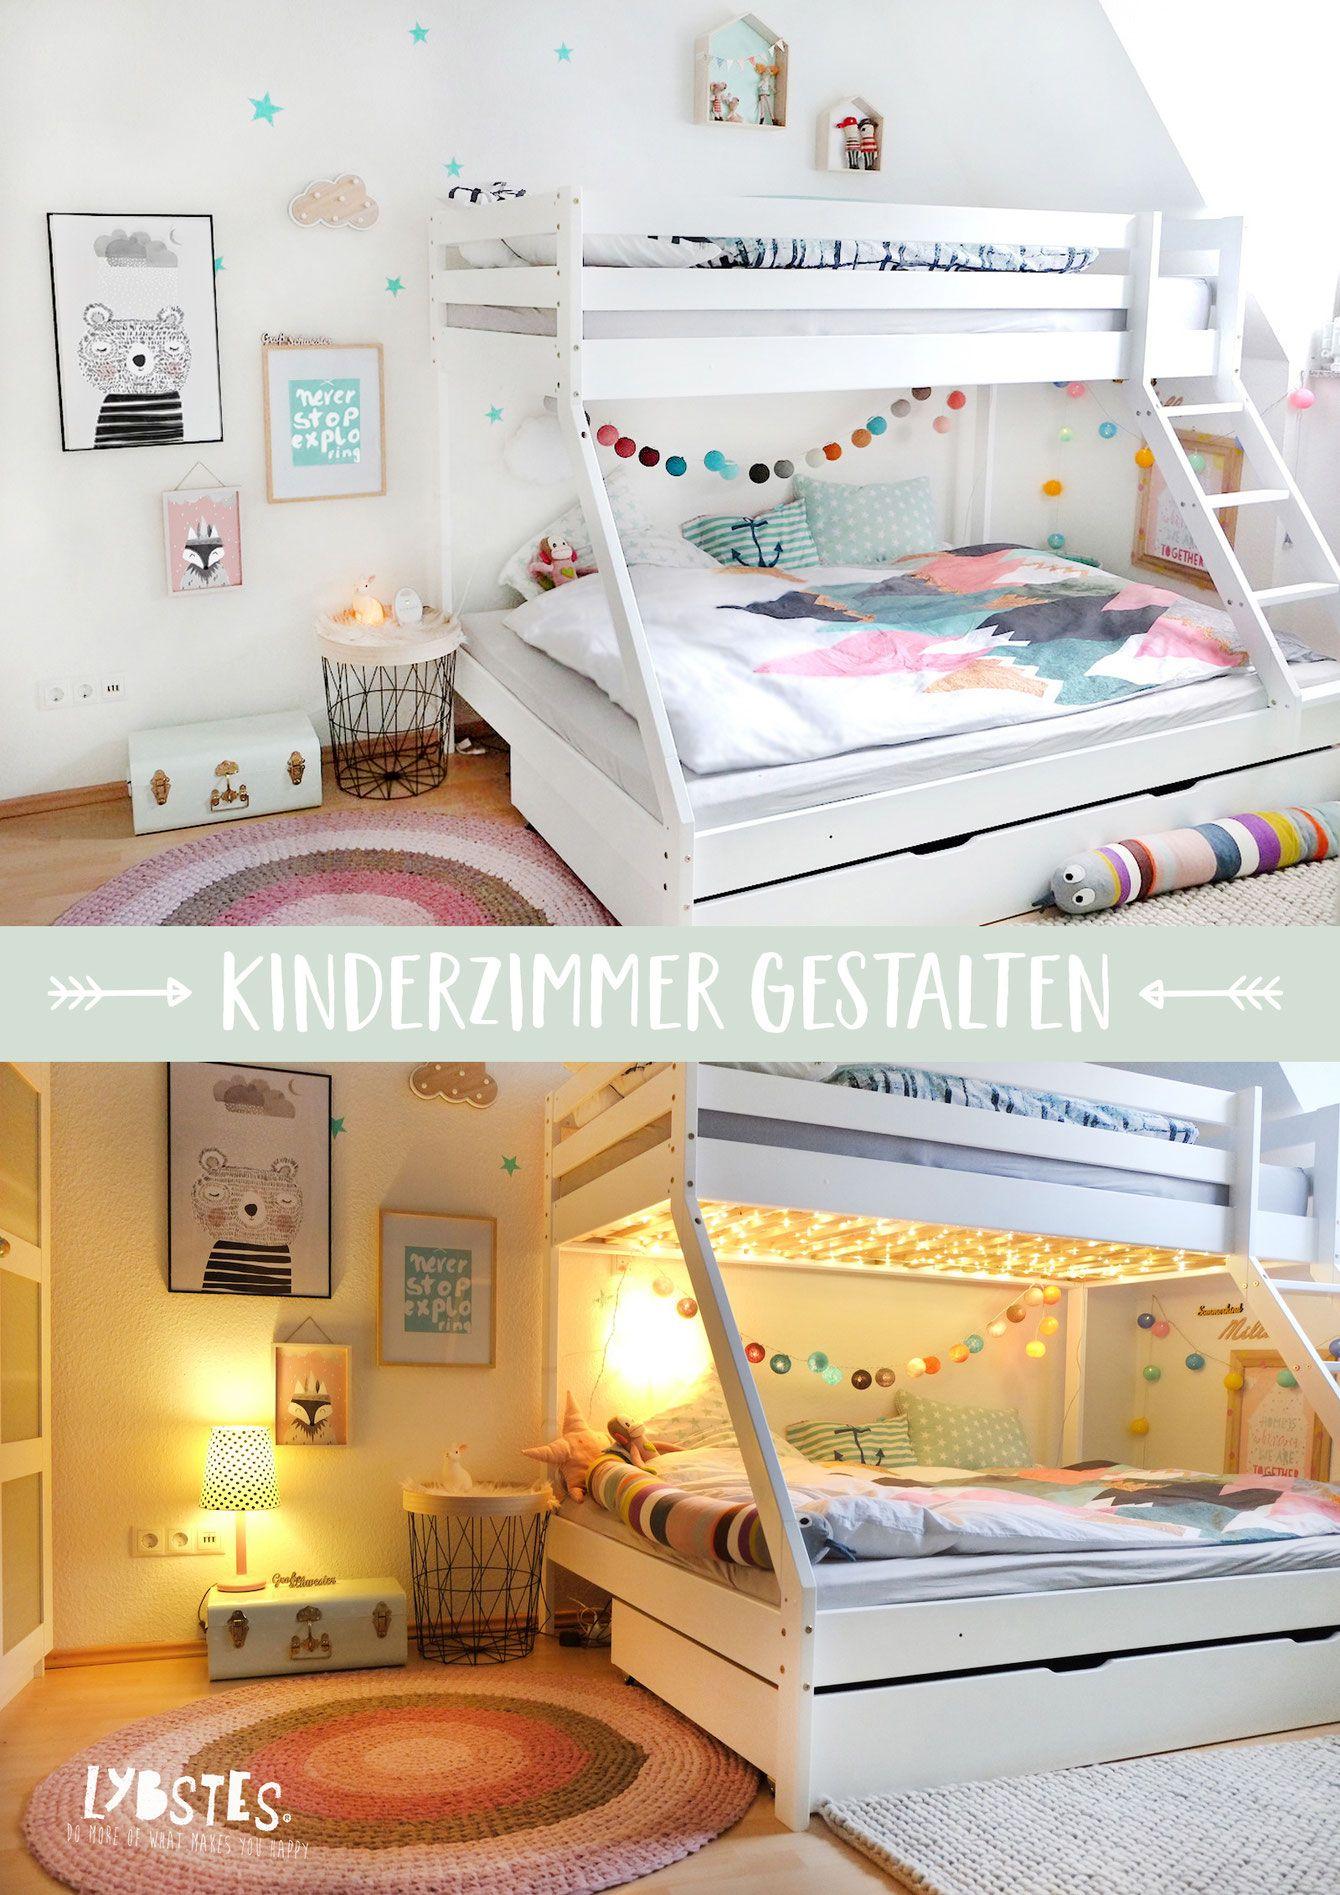 Lybstes Kinderzimmer gestalten mit Hochbett, gemütlicher Beleuchtung ...